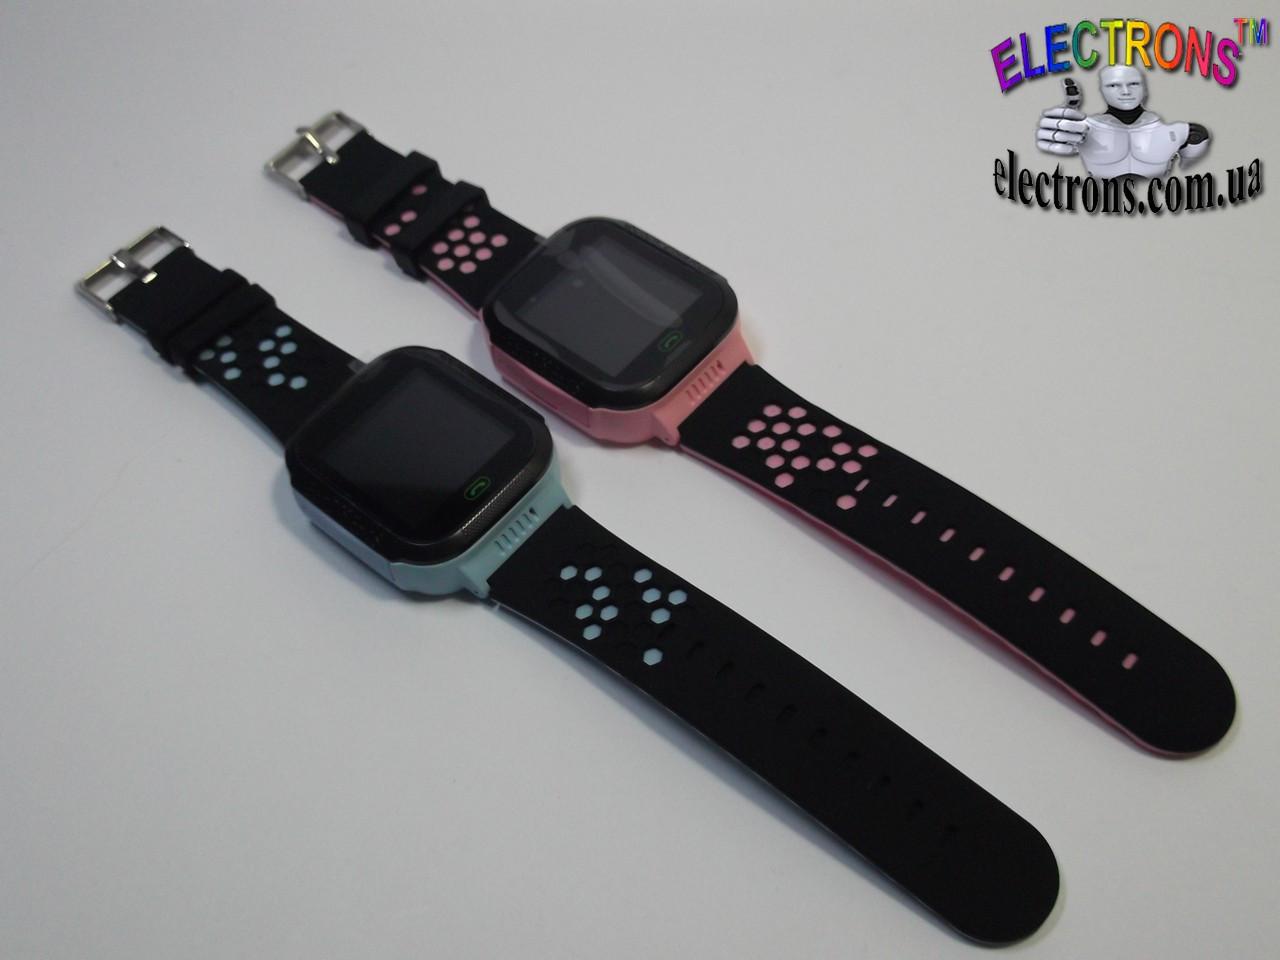 Детские смарт часы (Smart watch) Q528 сенсорные с фонариком и математической игрой для детей телефон, часофон